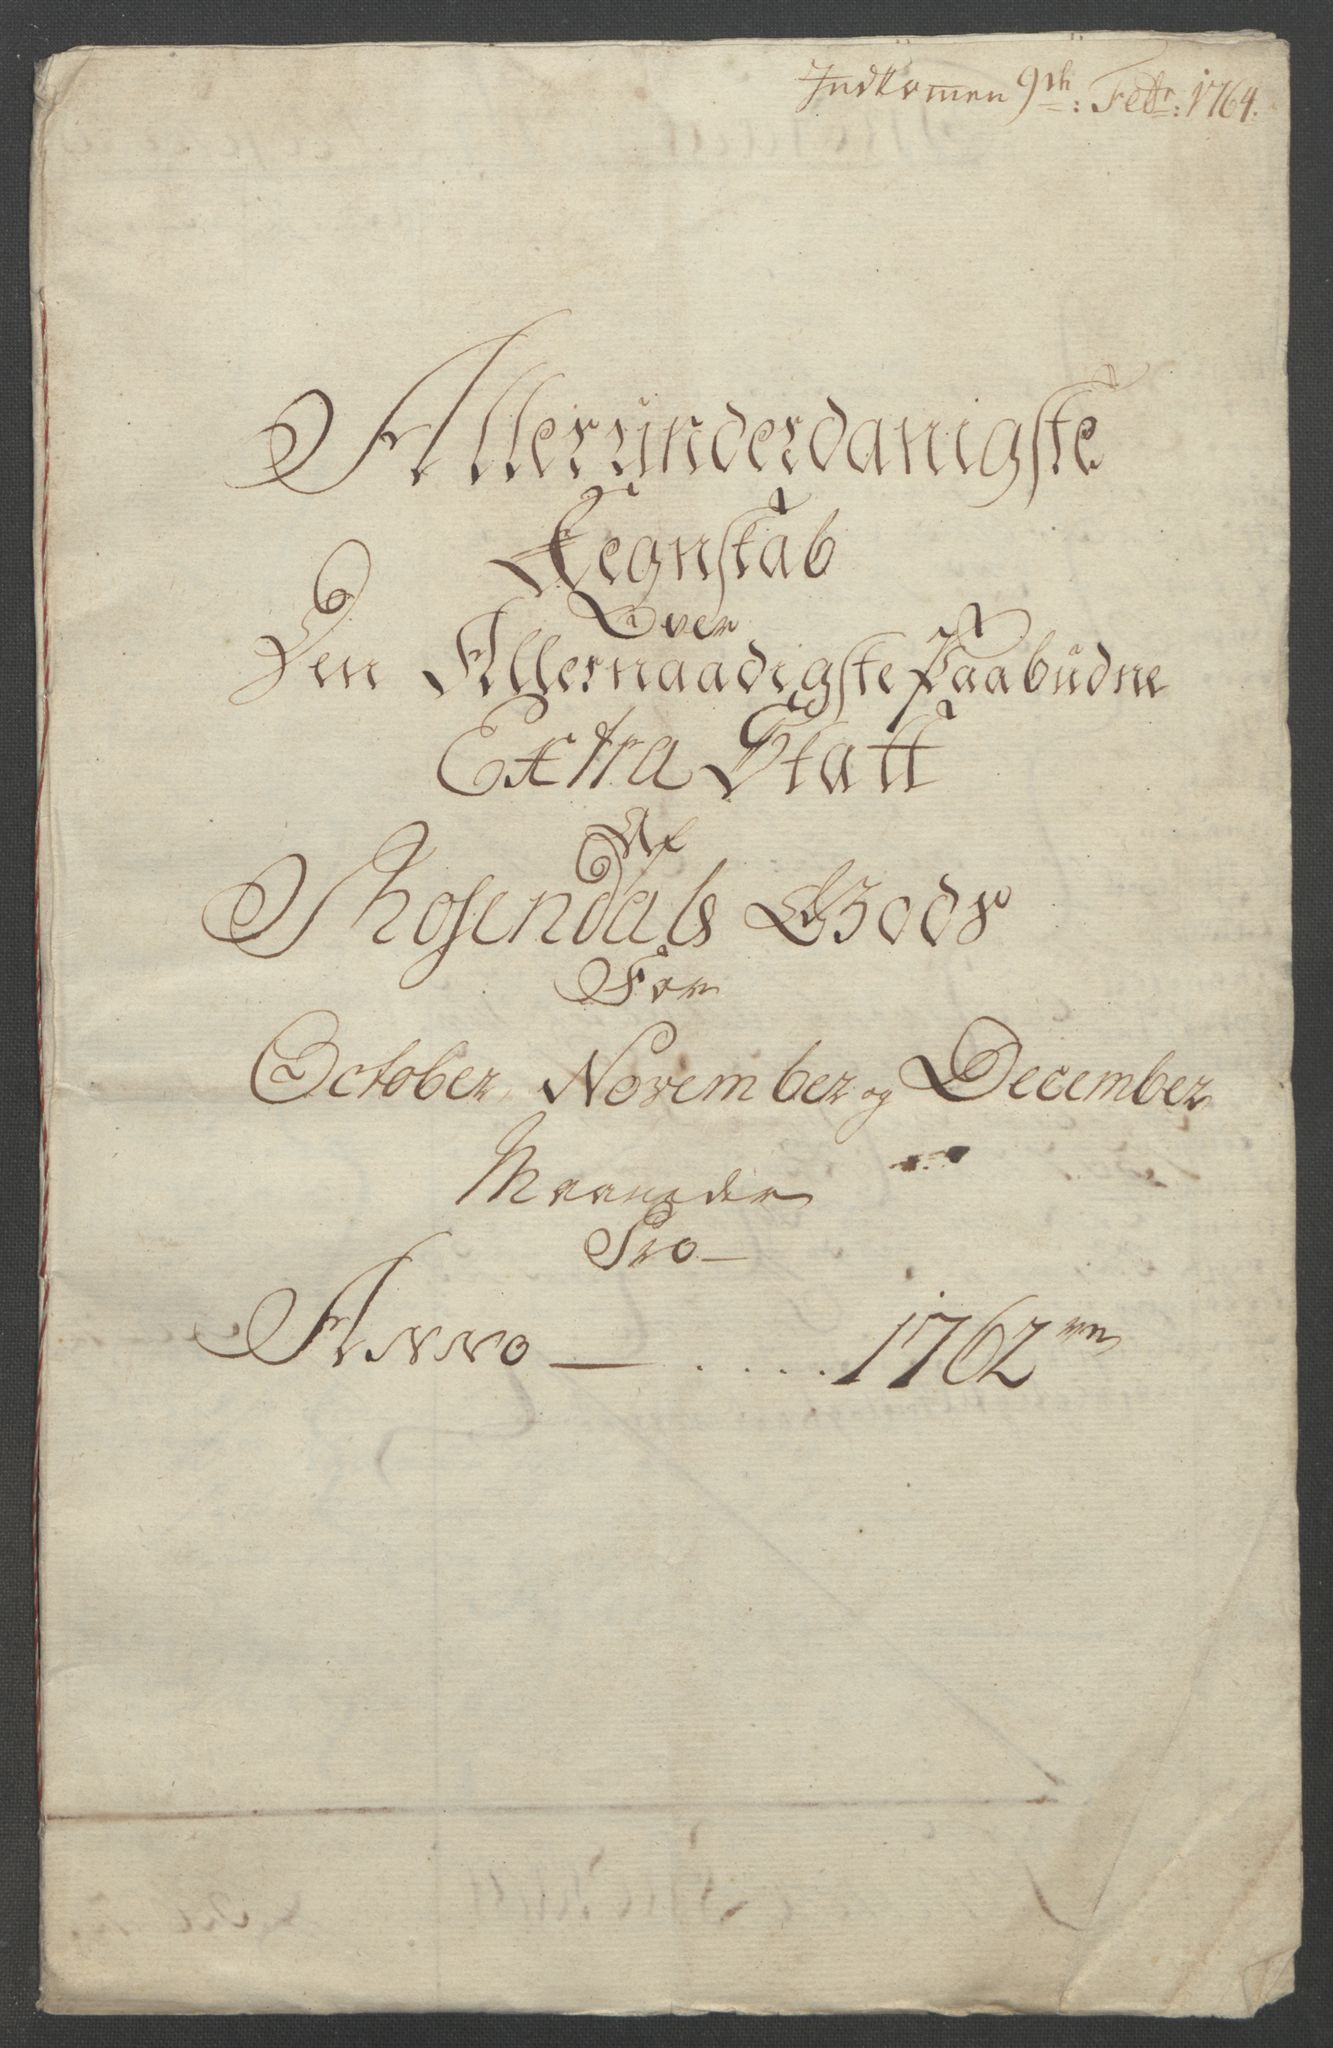 RA, Rentekammeret inntil 1814, Reviderte regnskaper, Fogderegnskap, R49/L3157: Ekstraskatten Rosendal Baroni, 1762-1772, s. 4